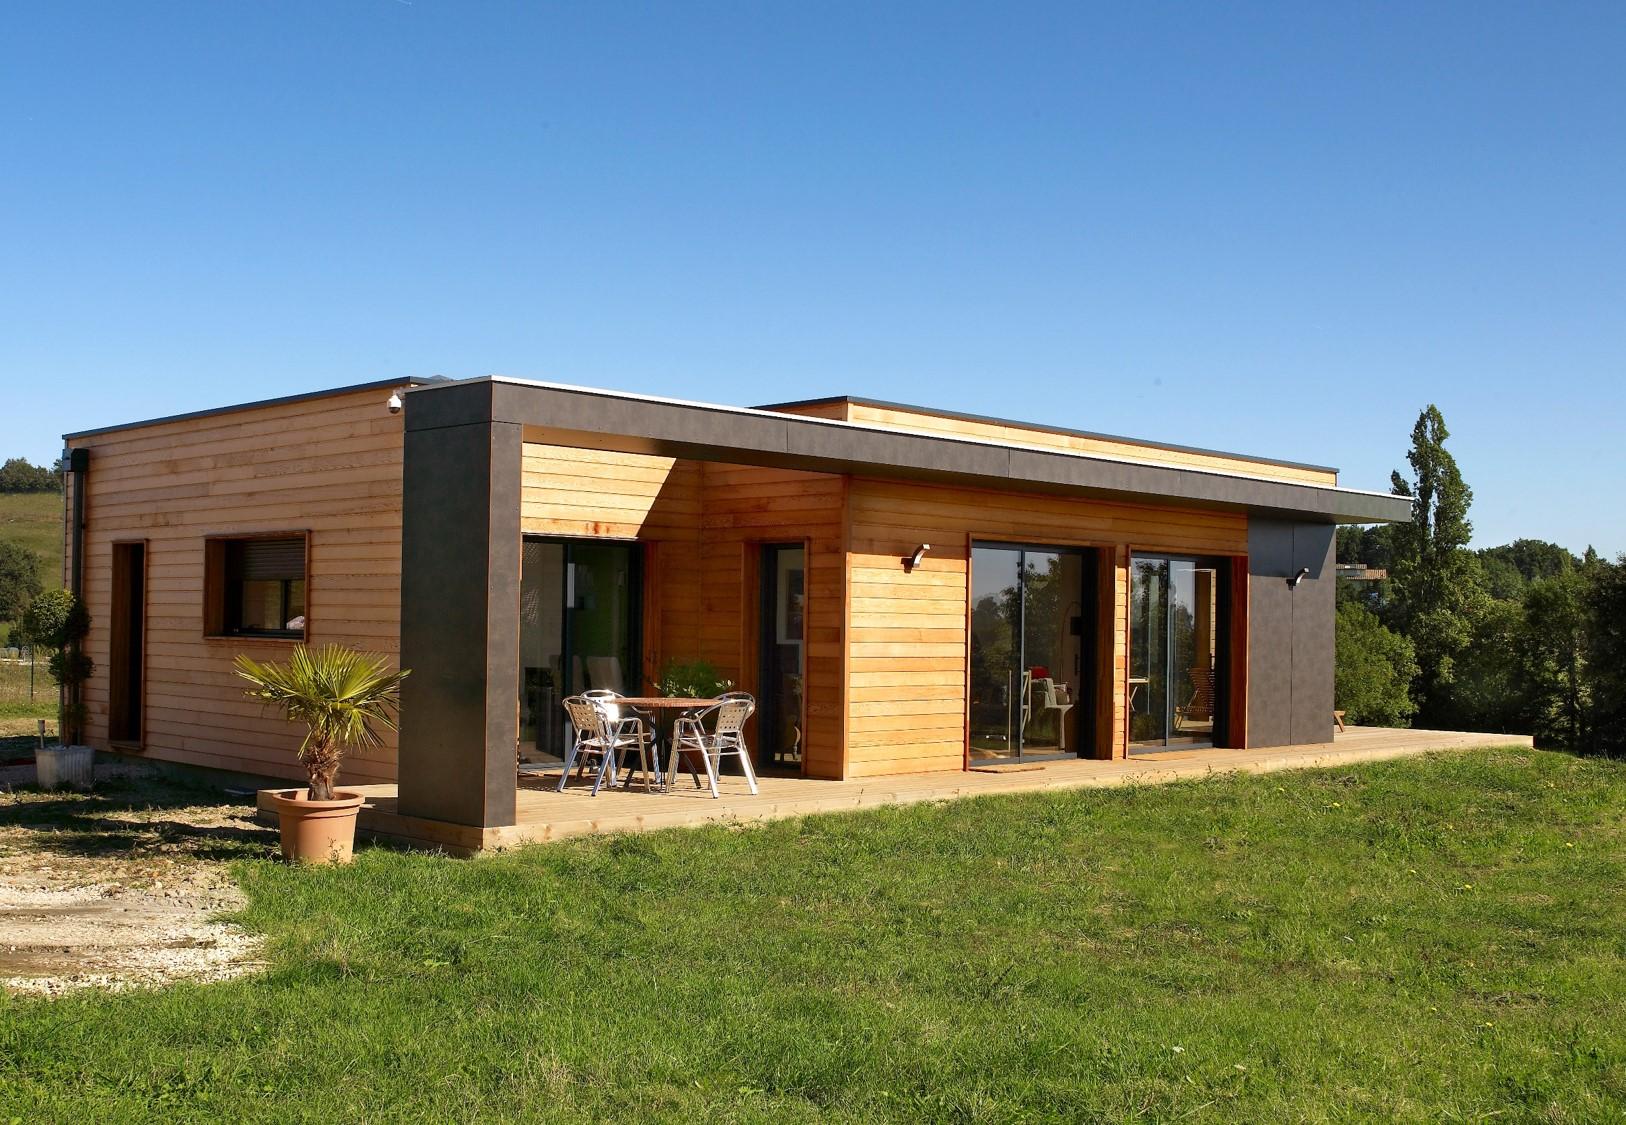 Construction maison bois gros oeuvre obtenez des id es de design int ressantes for Maison prefabriquee definition